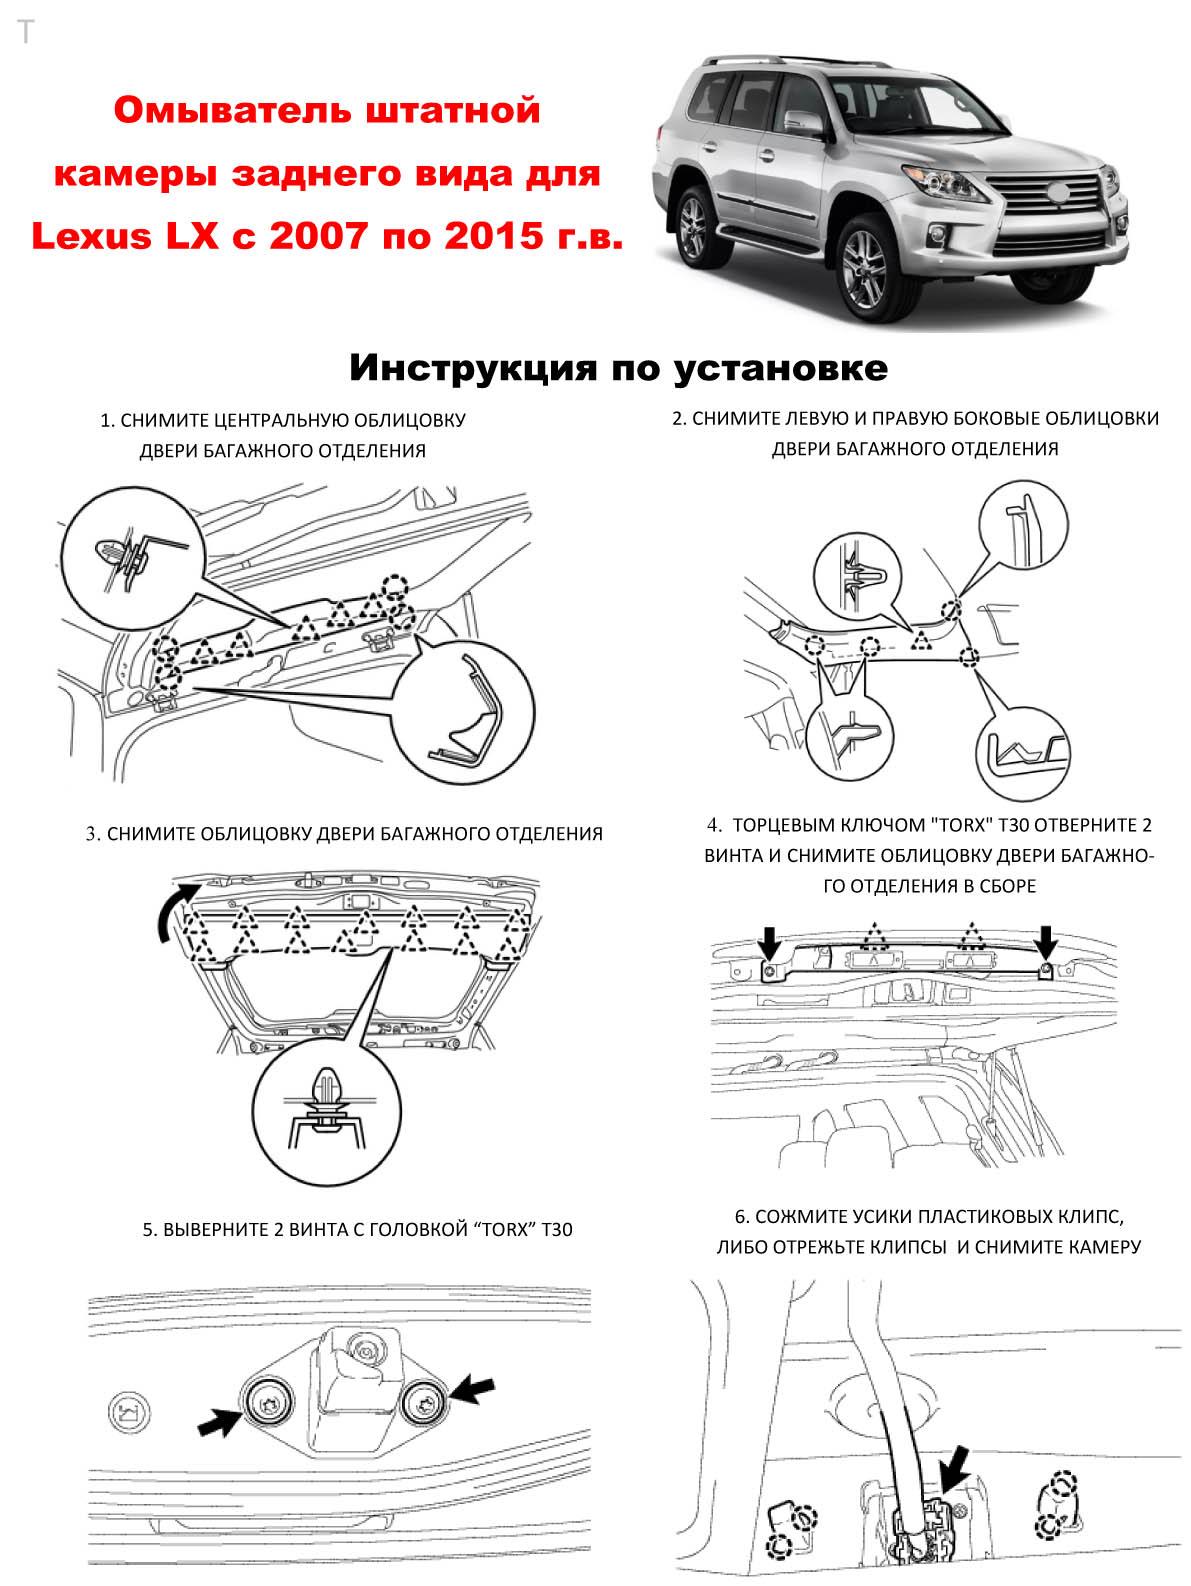 Инструкция по установке омывателя камеры заднего вида для Lexus LX